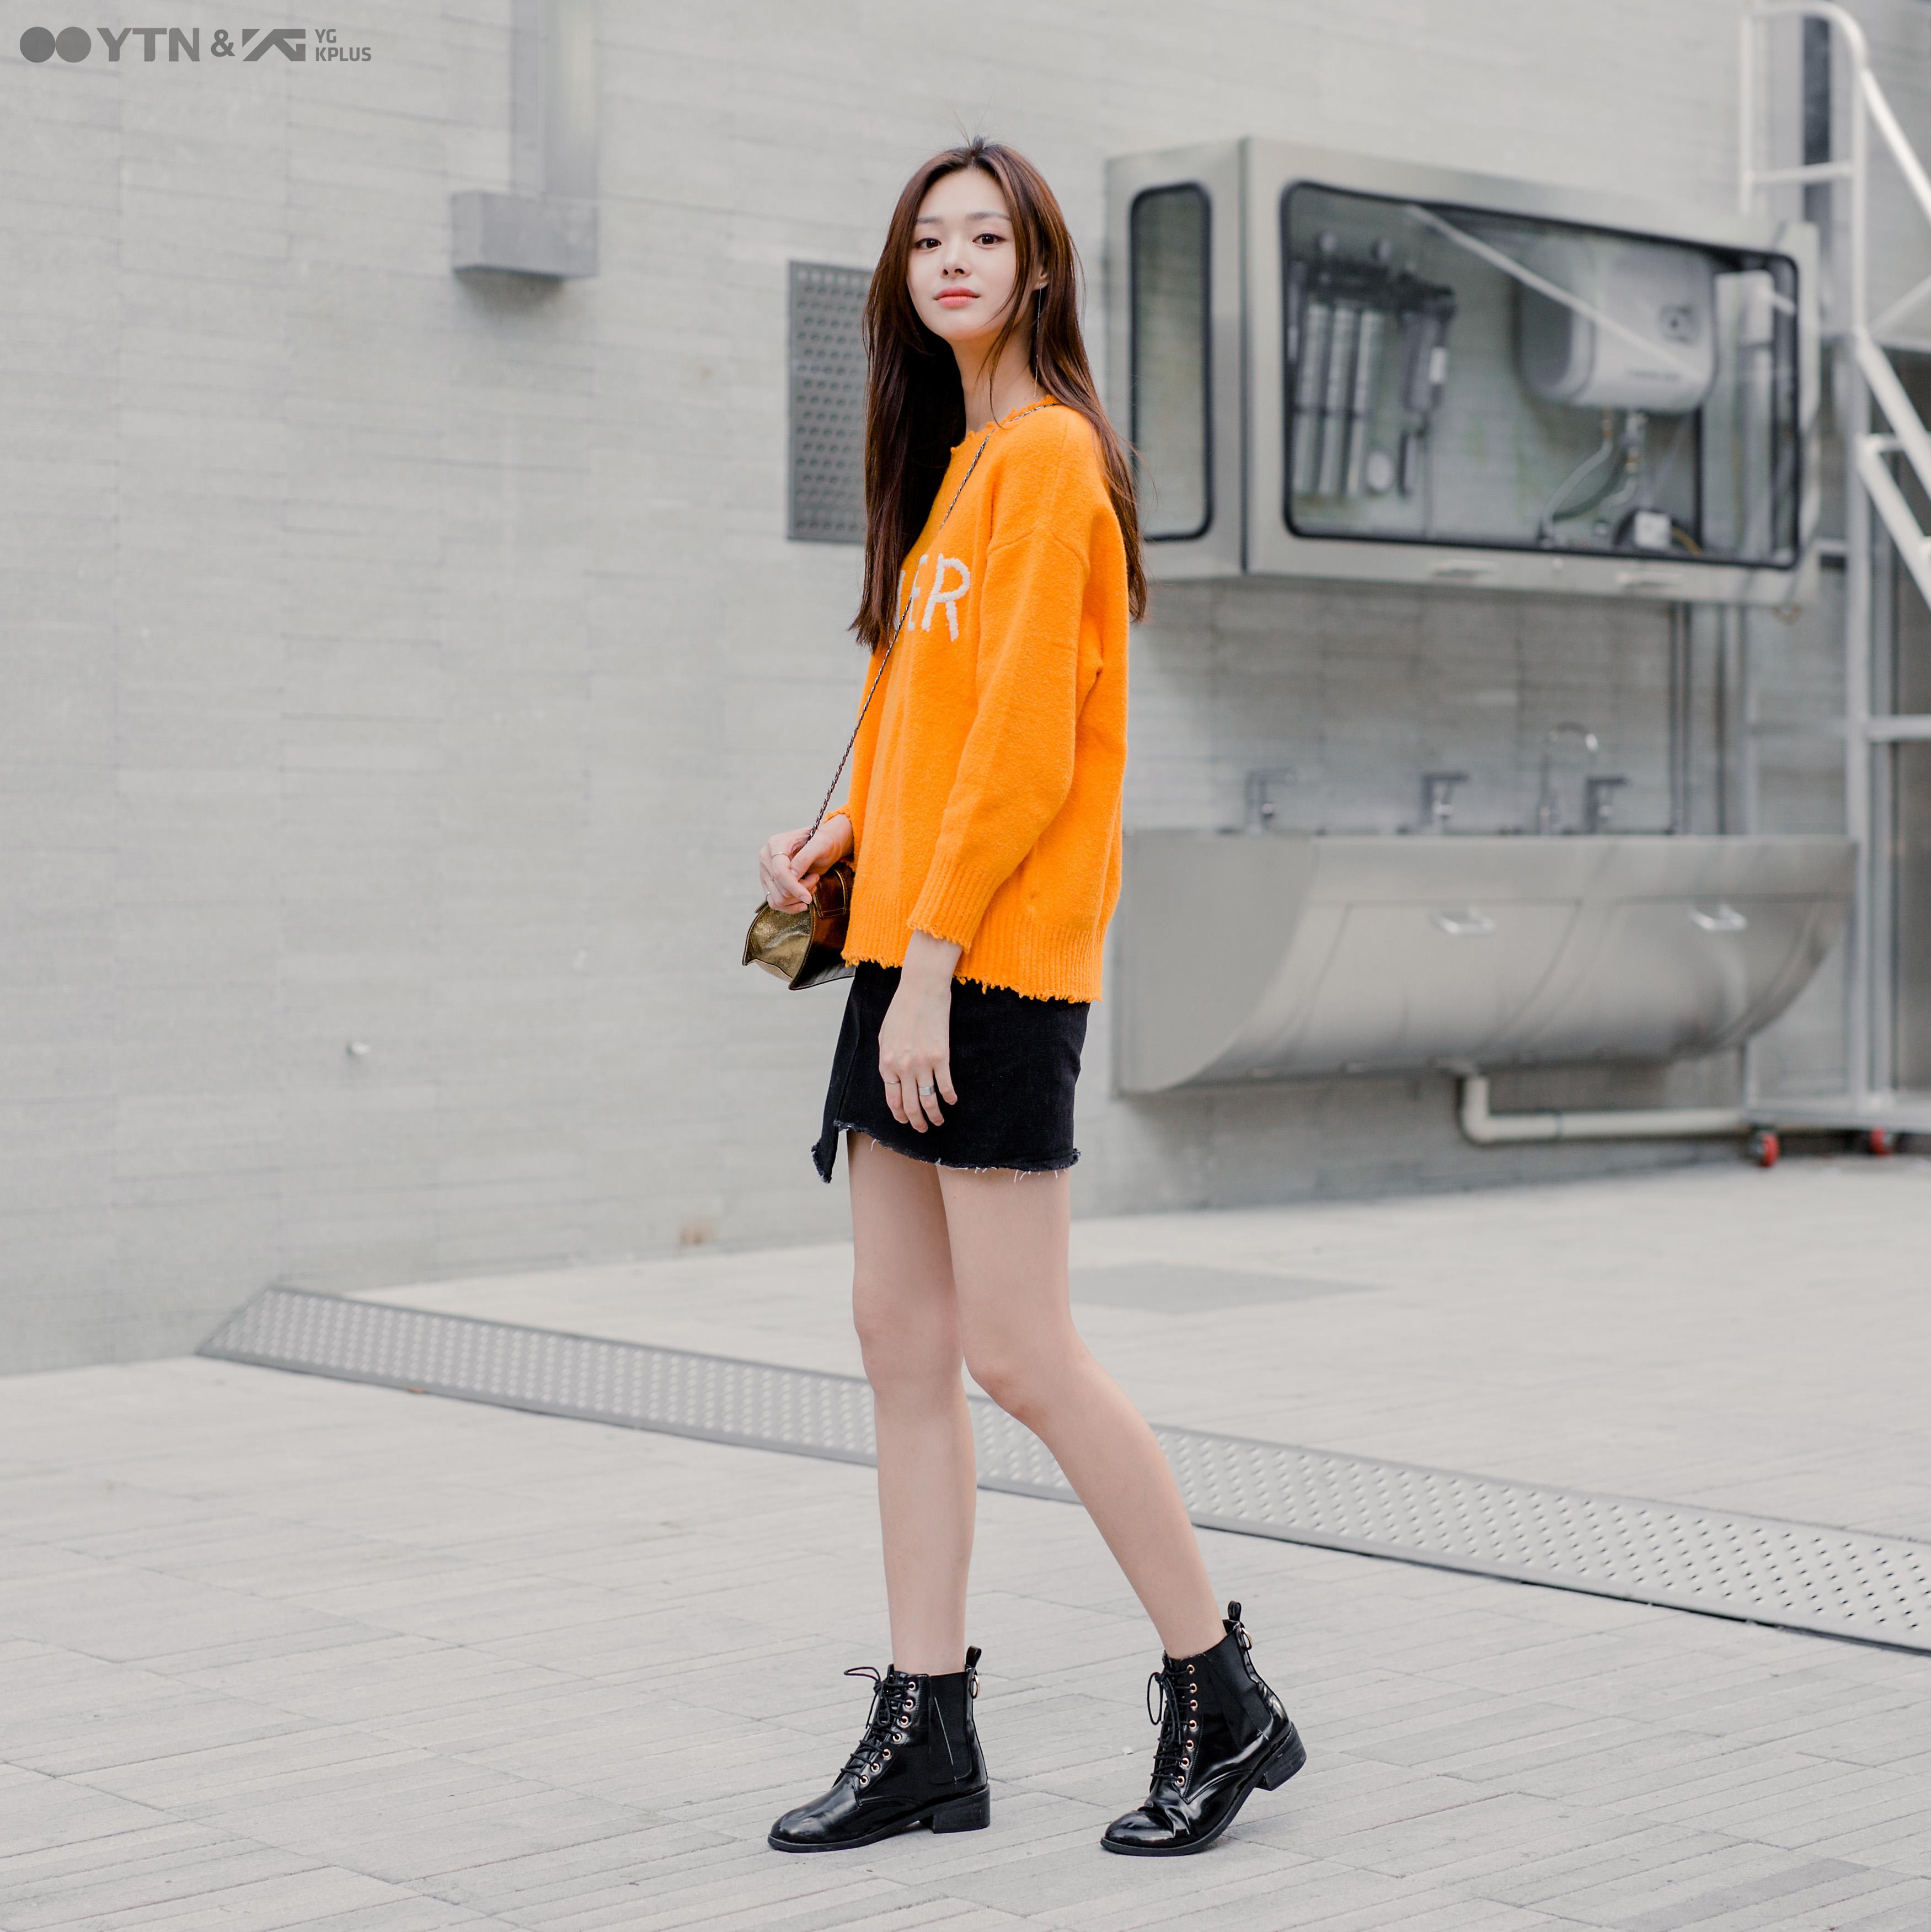 라이징 모델 최윤영의 러블리 룩 엿보기!